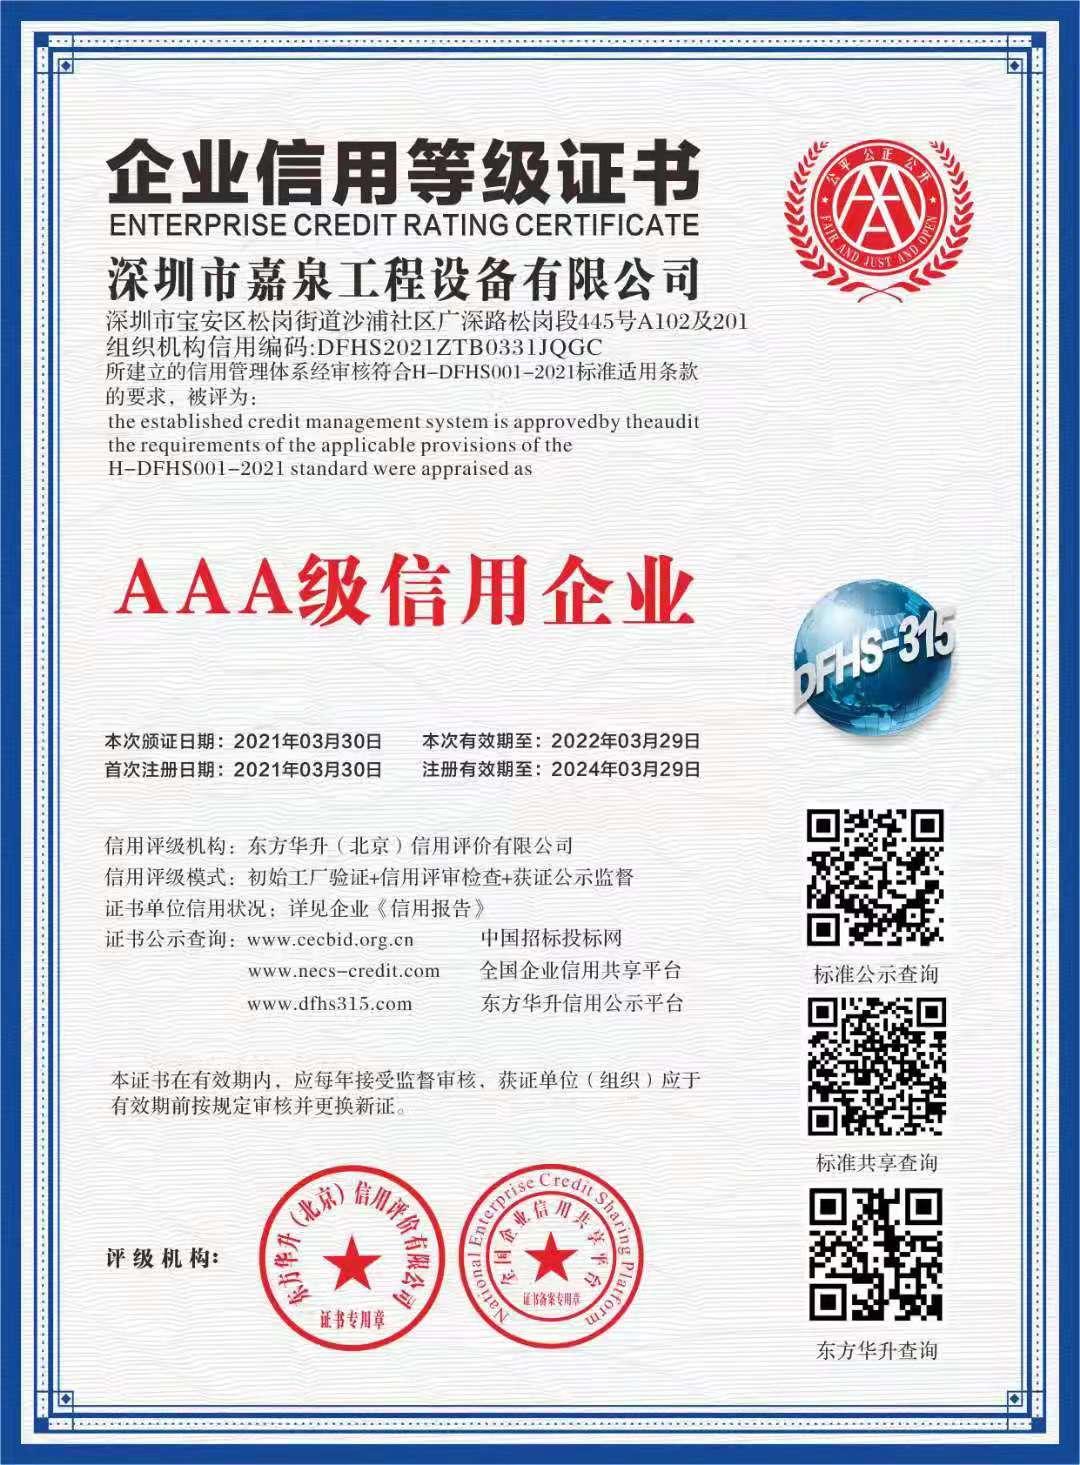 企业信用证书